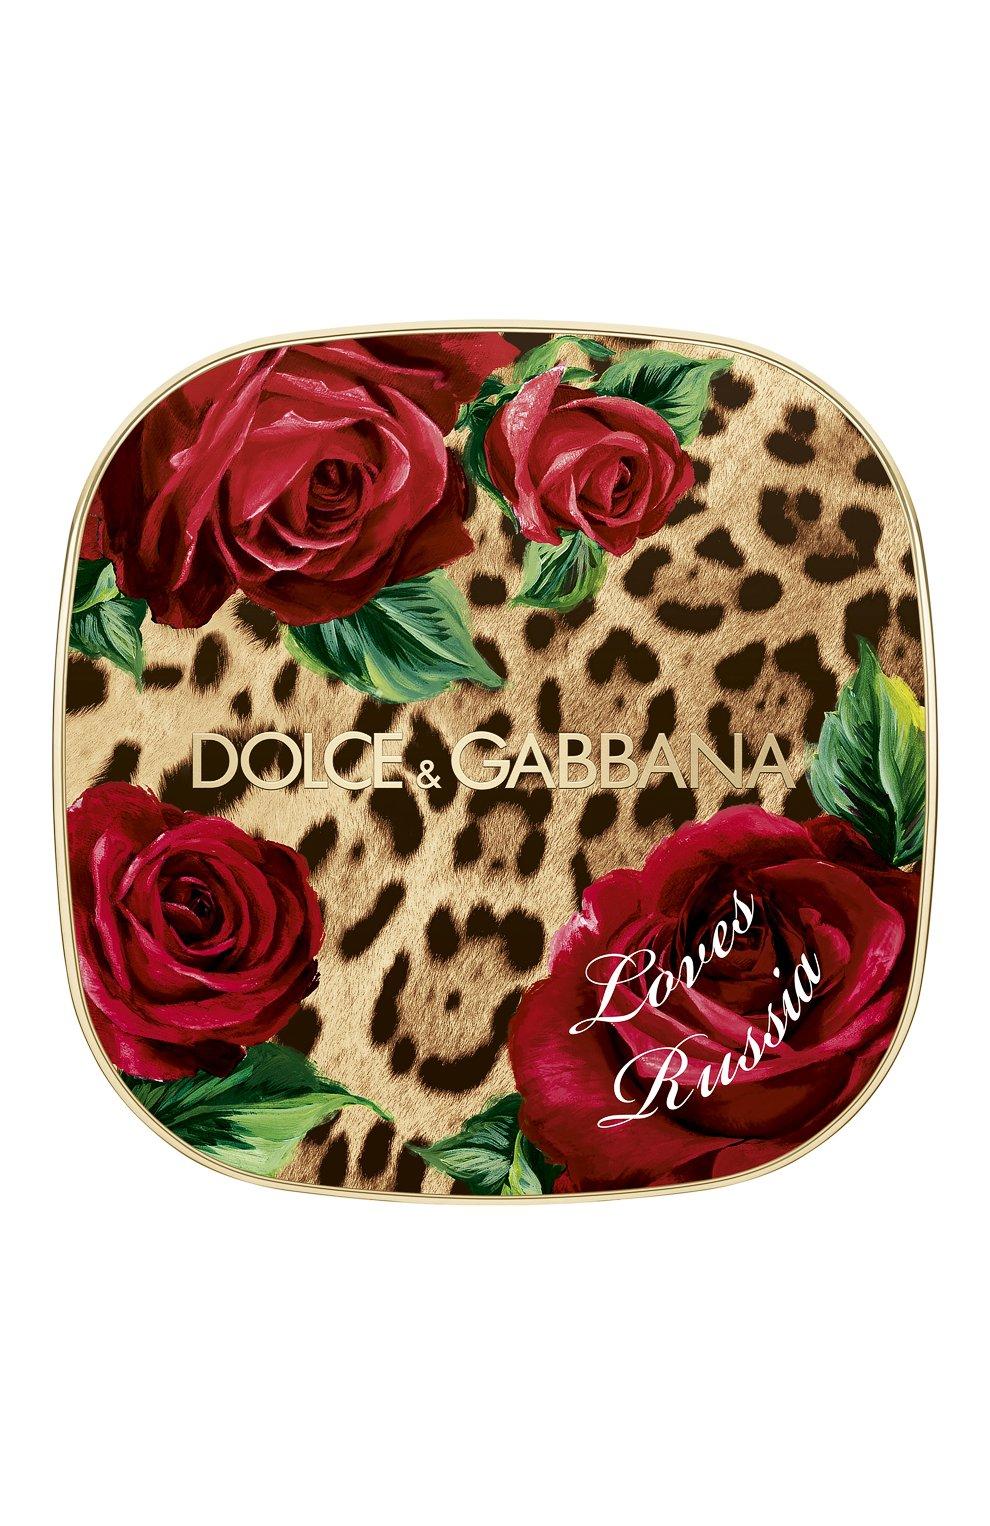 Универсальная пудра-хайлайтер dg loves russia (12g) DOLCE & GABBANA бесцветного цвета, арт. 3124350DG | Фото 2